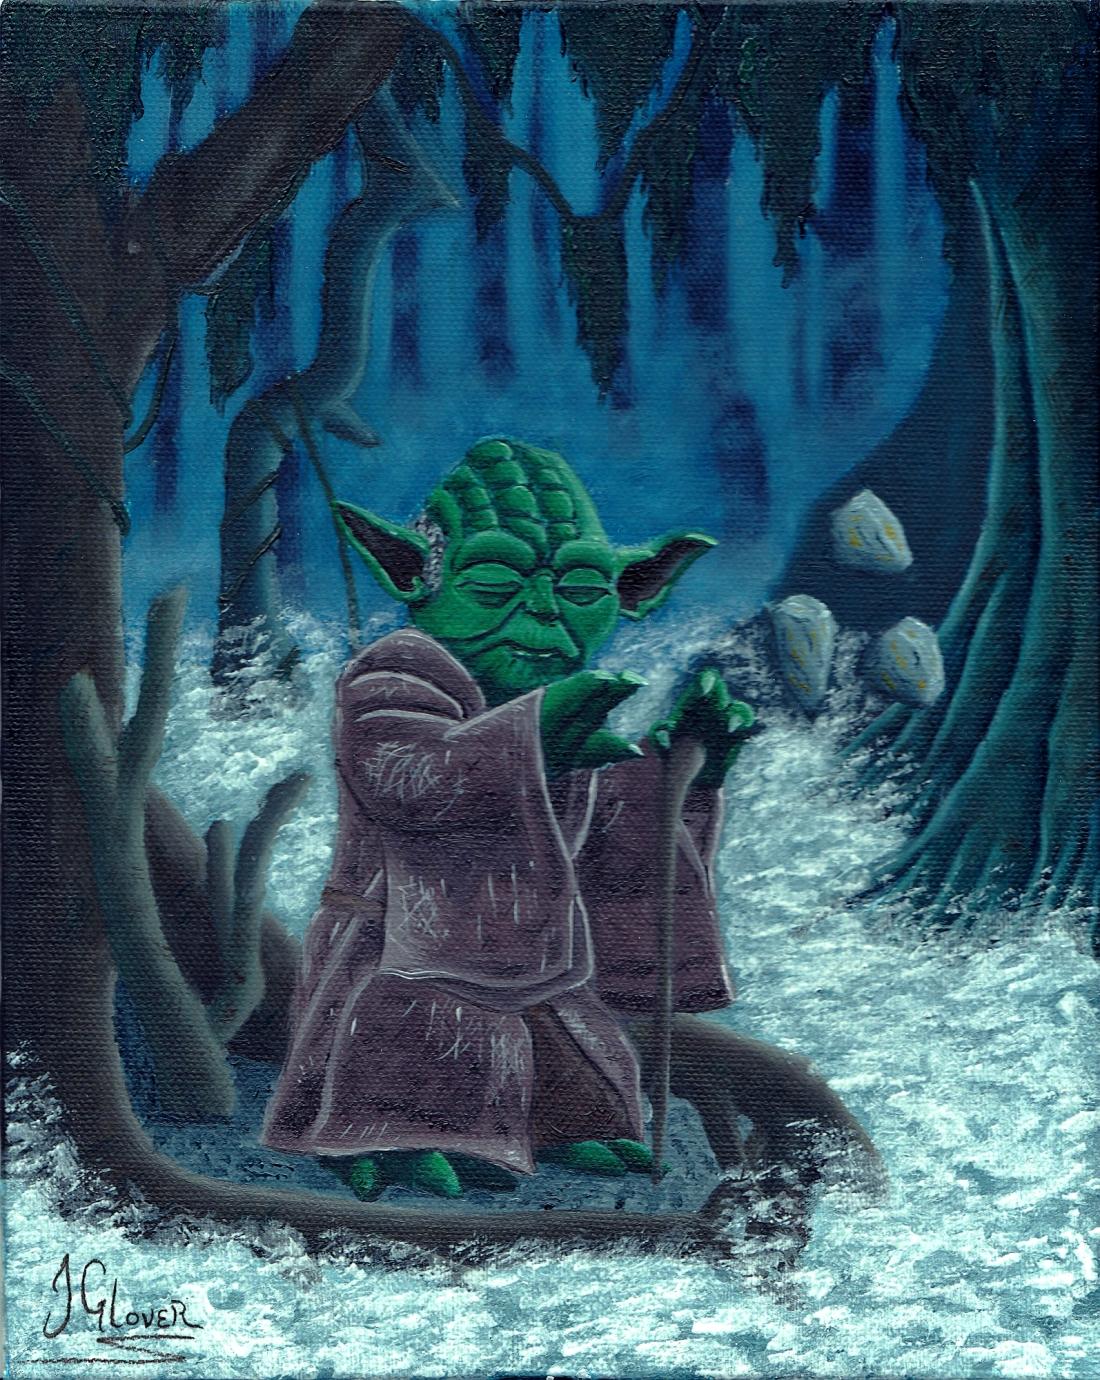 Jedi Master Yoda on Dagobah